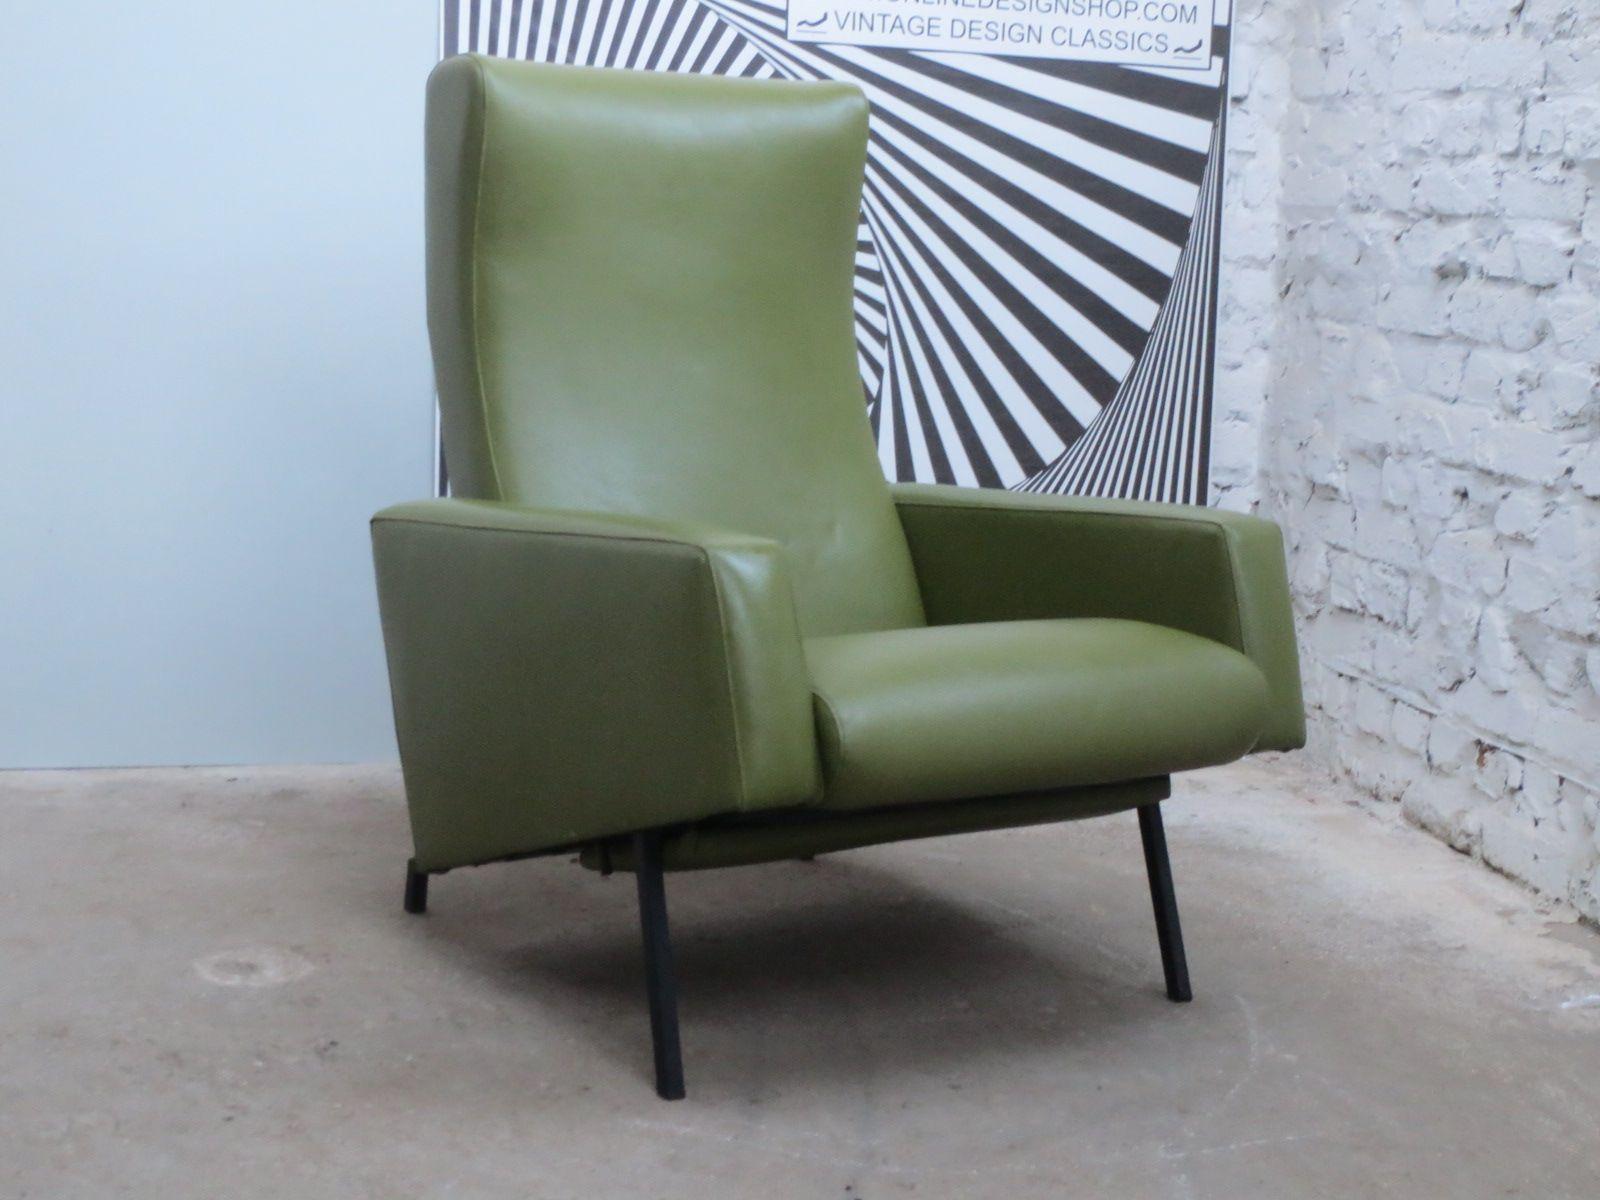 fauteuil trelax de pierre guariche pour meurop furniture pinterest pierre guariche. Black Bedroom Furniture Sets. Home Design Ideas